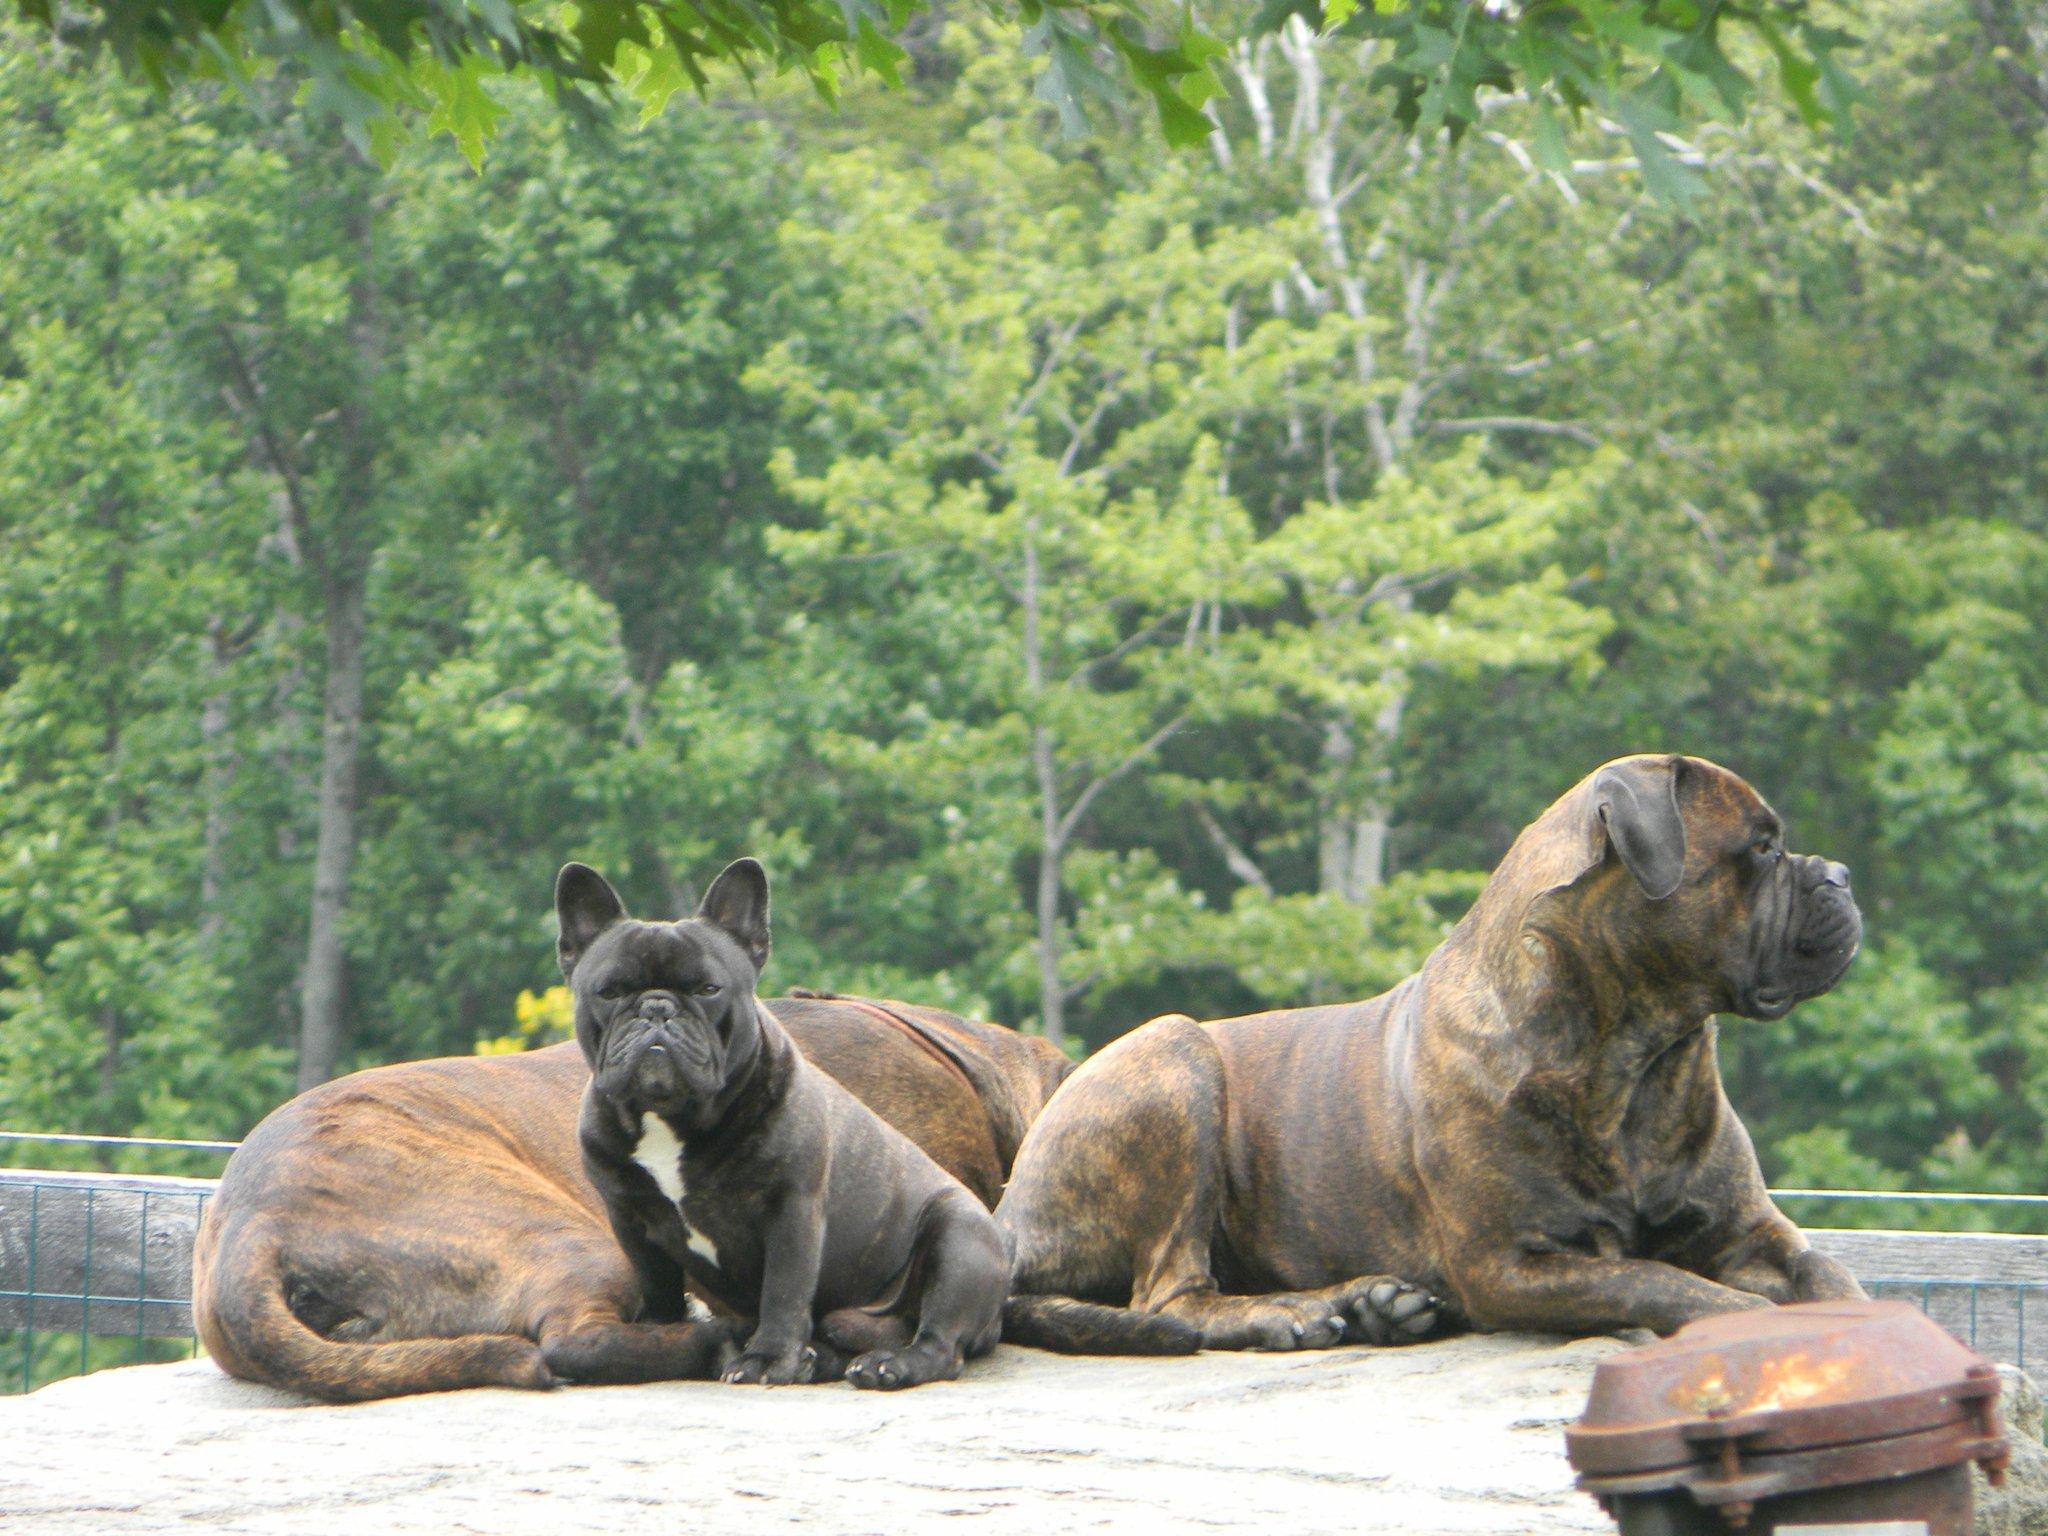 Bullmastiff and French Bulldog just chillin'